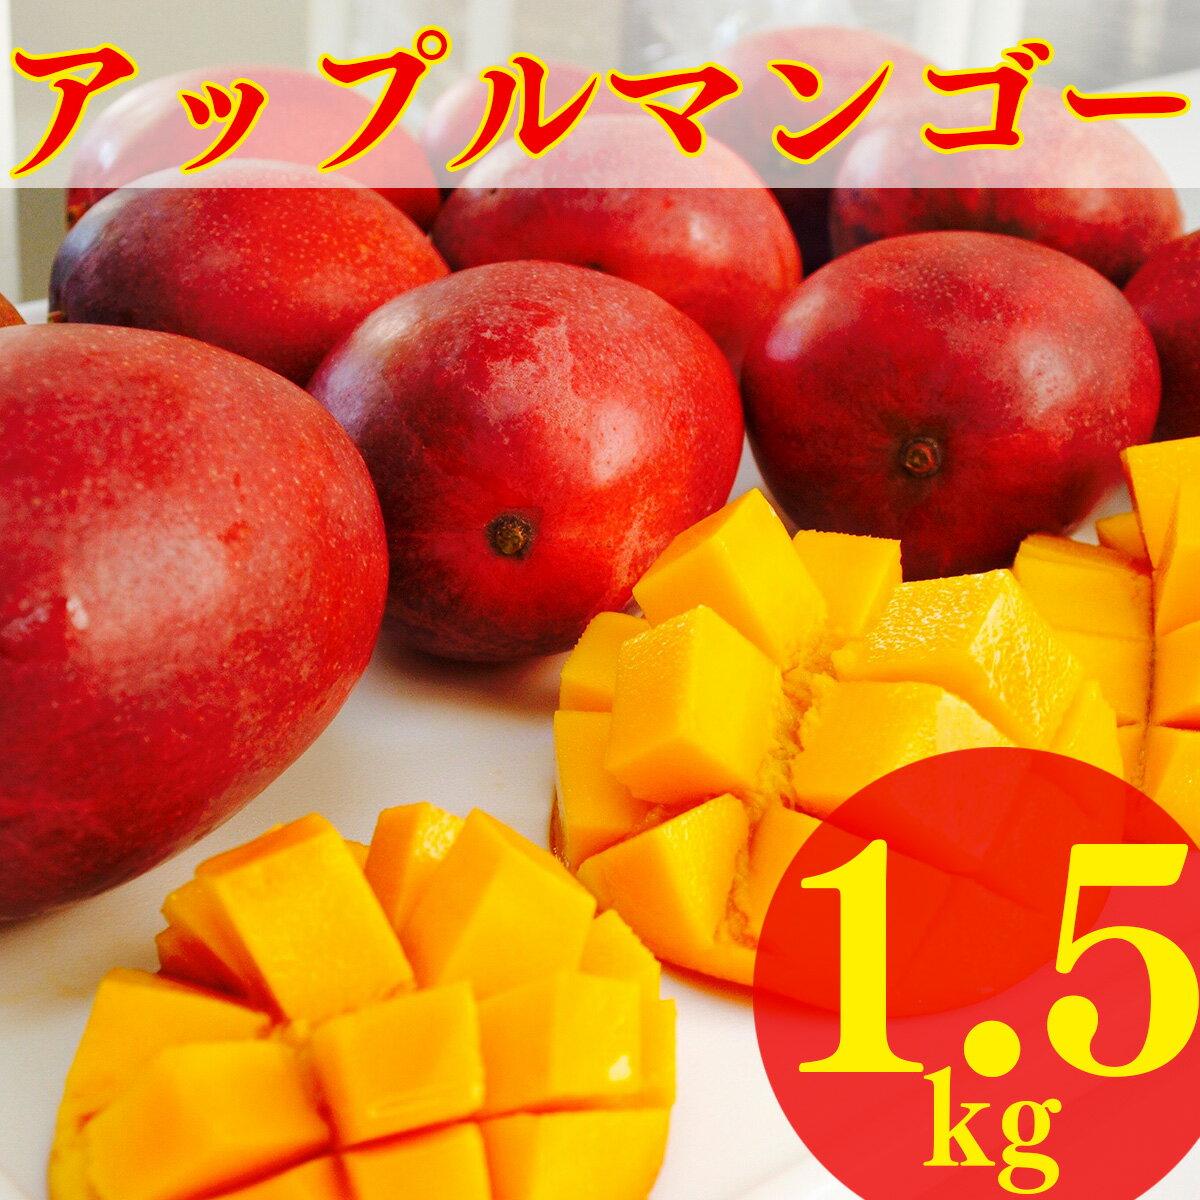 【ふるさと納税】先行予約!南城市産アップルマンゴー1.5kg